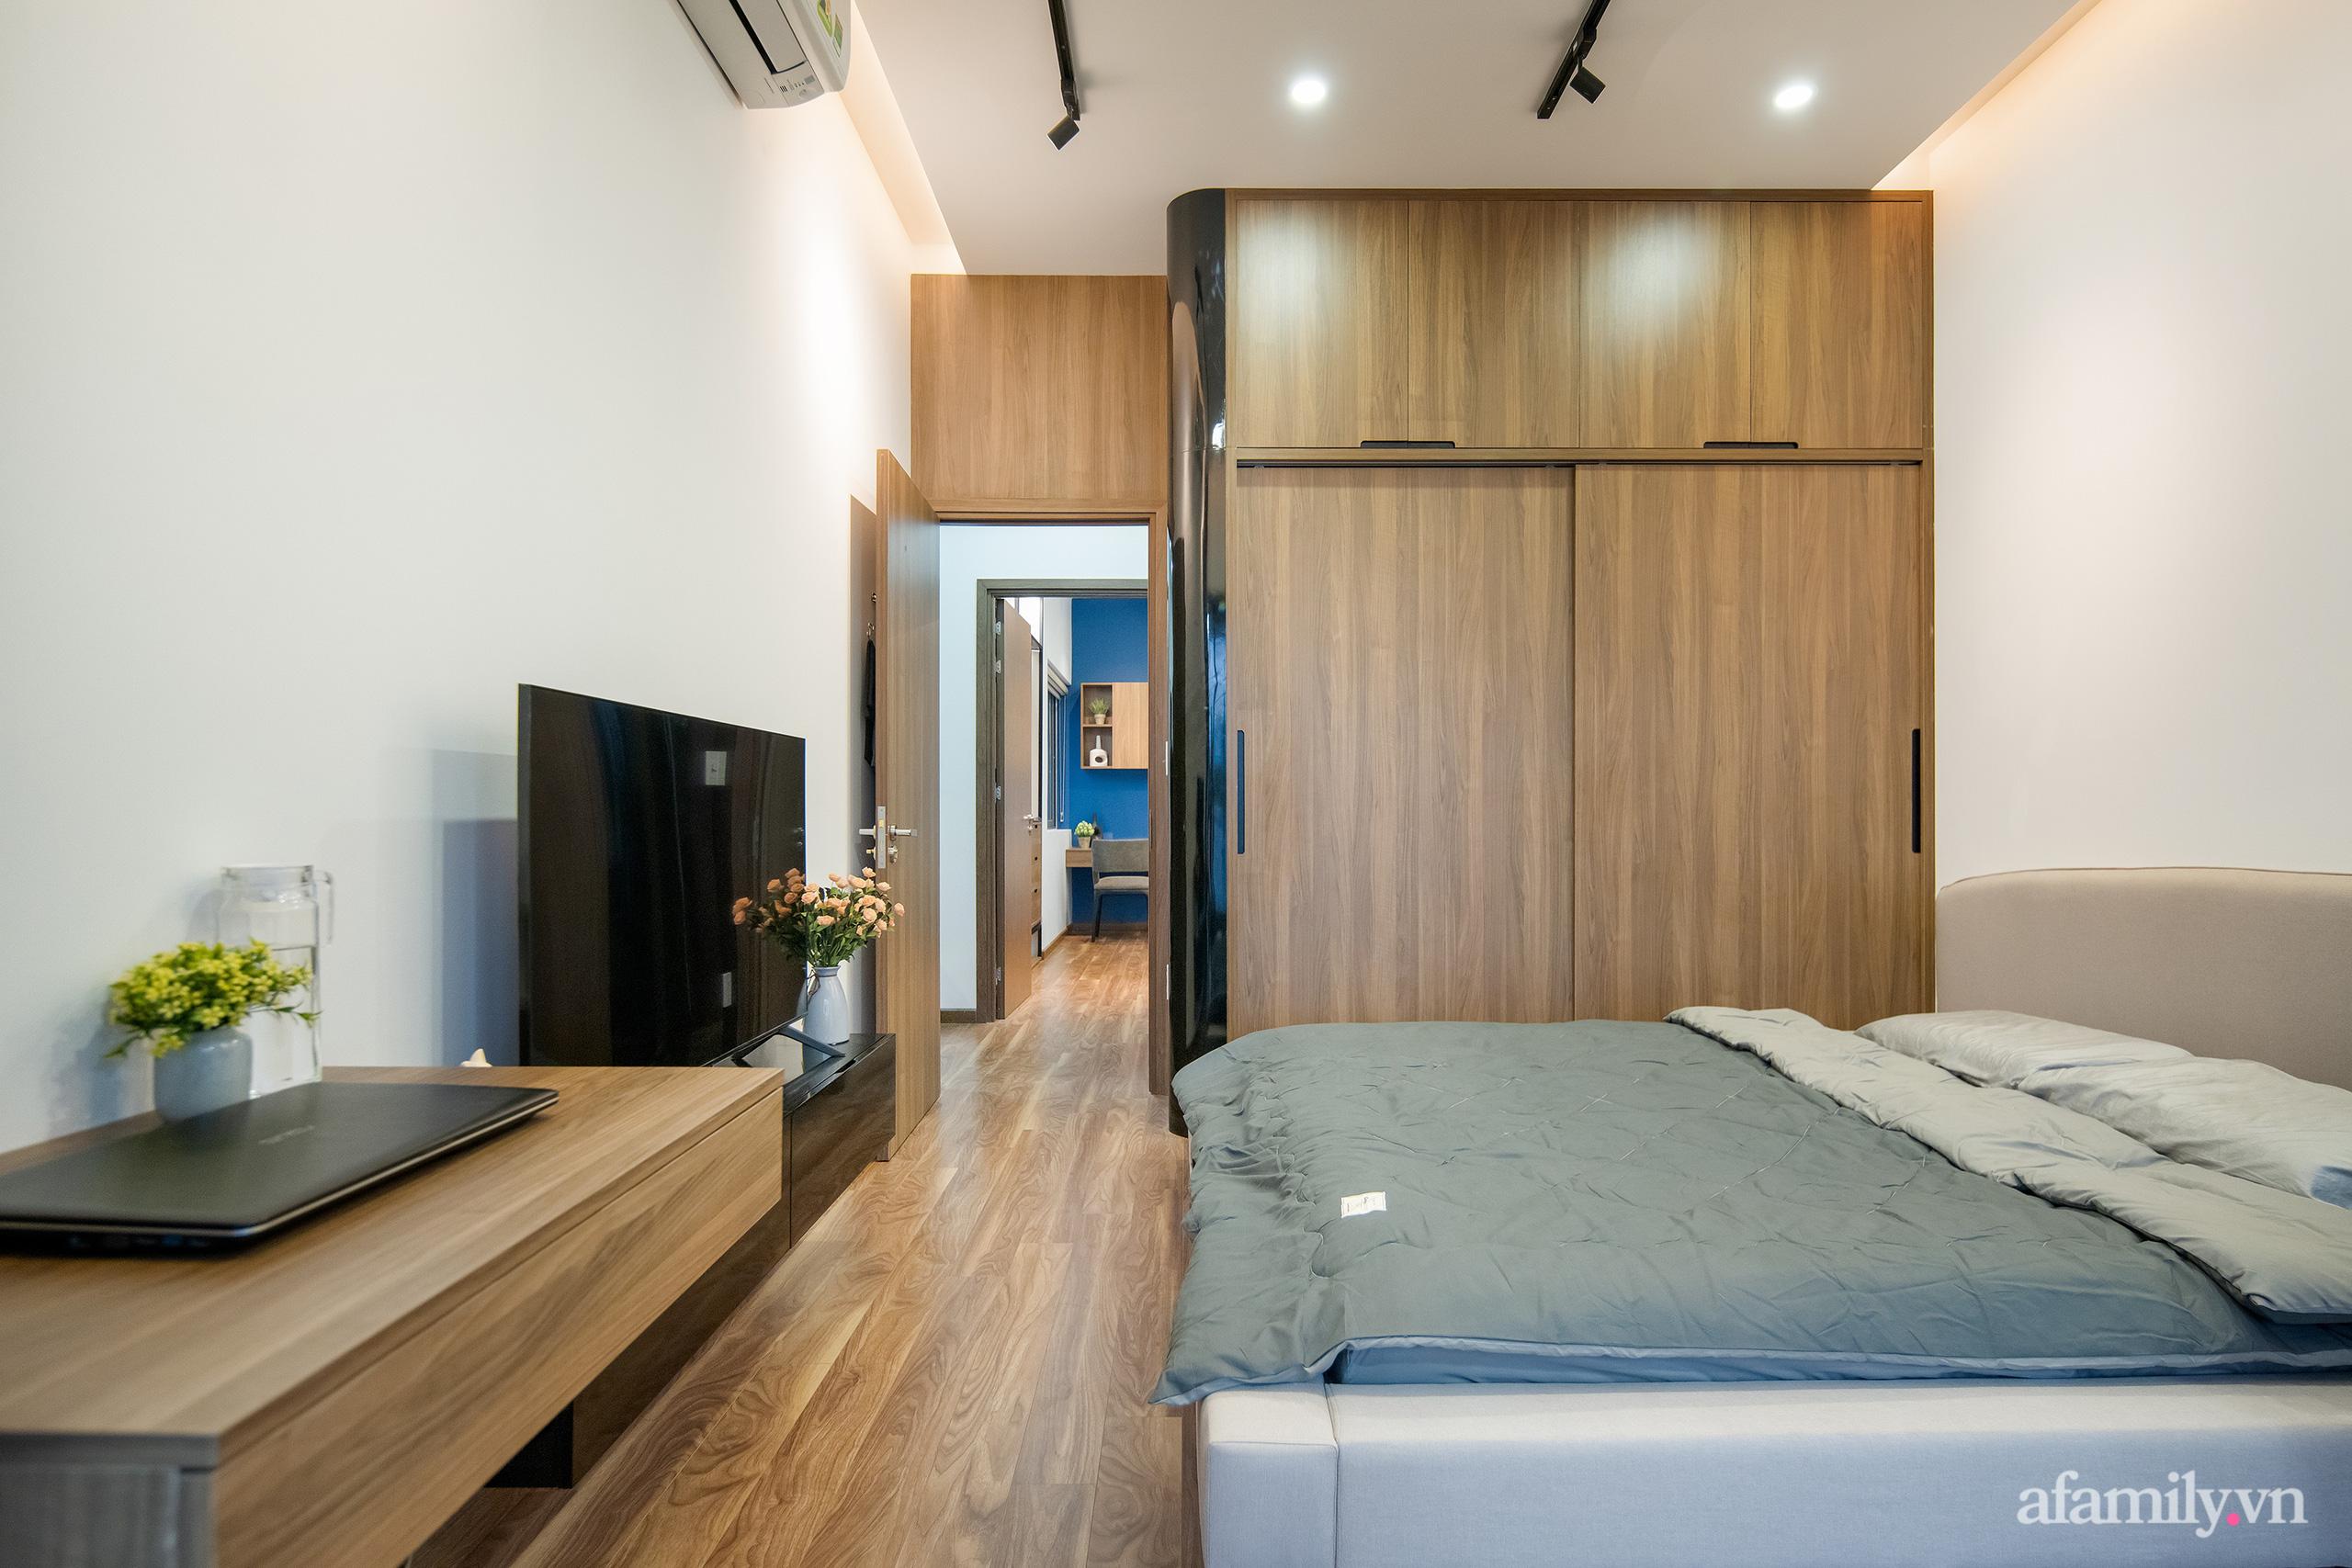 Nhà trong hẻm nhỏ vẫn ngập tràn ánh sáng, duyên dáng với nội thất tối giản ở Đà Nẵng - Ảnh 17.